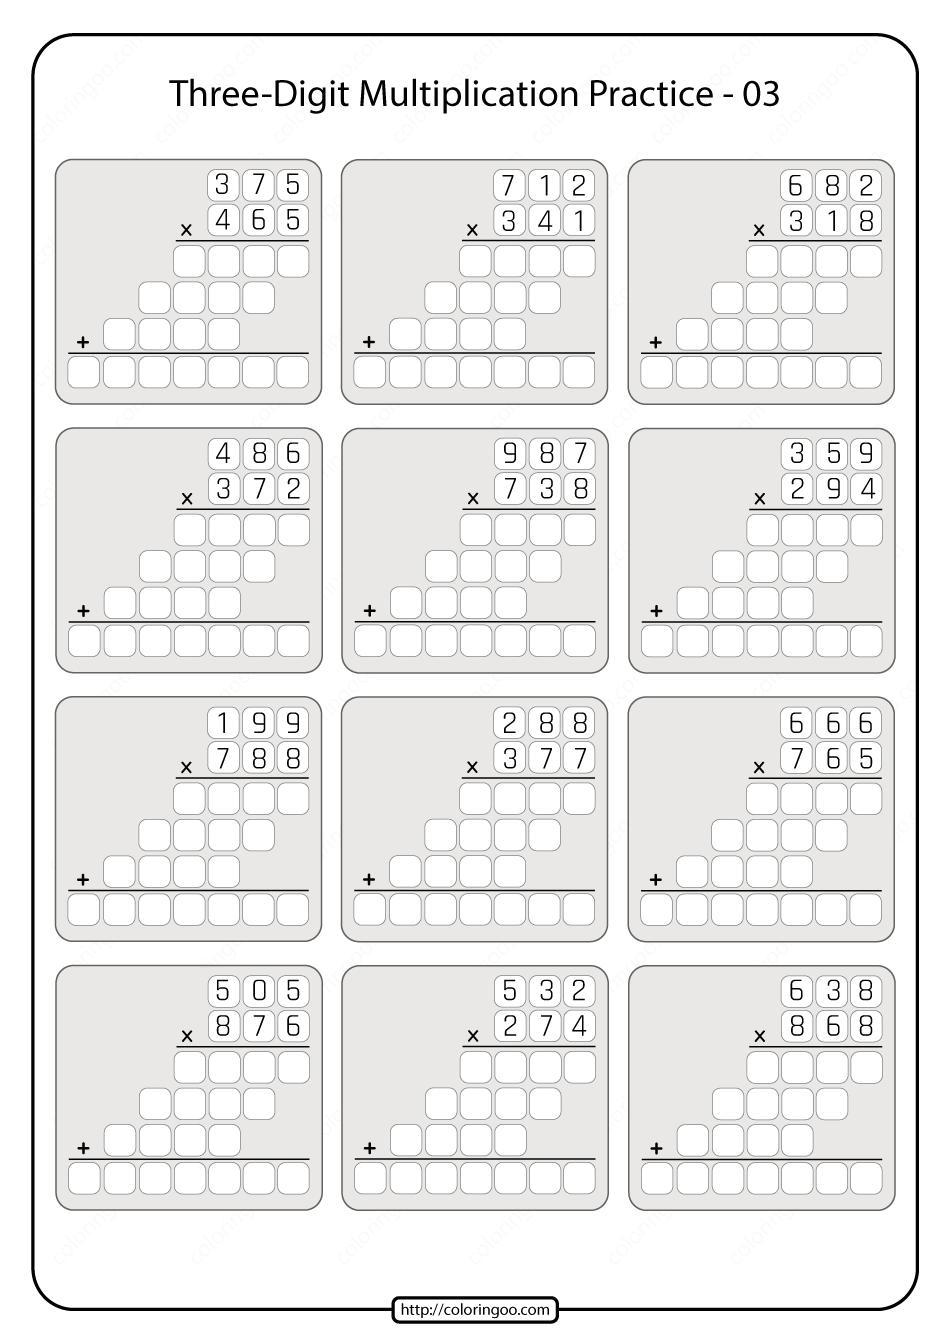 Threedigit Multiplication Practice Worksheet 03. in 2020